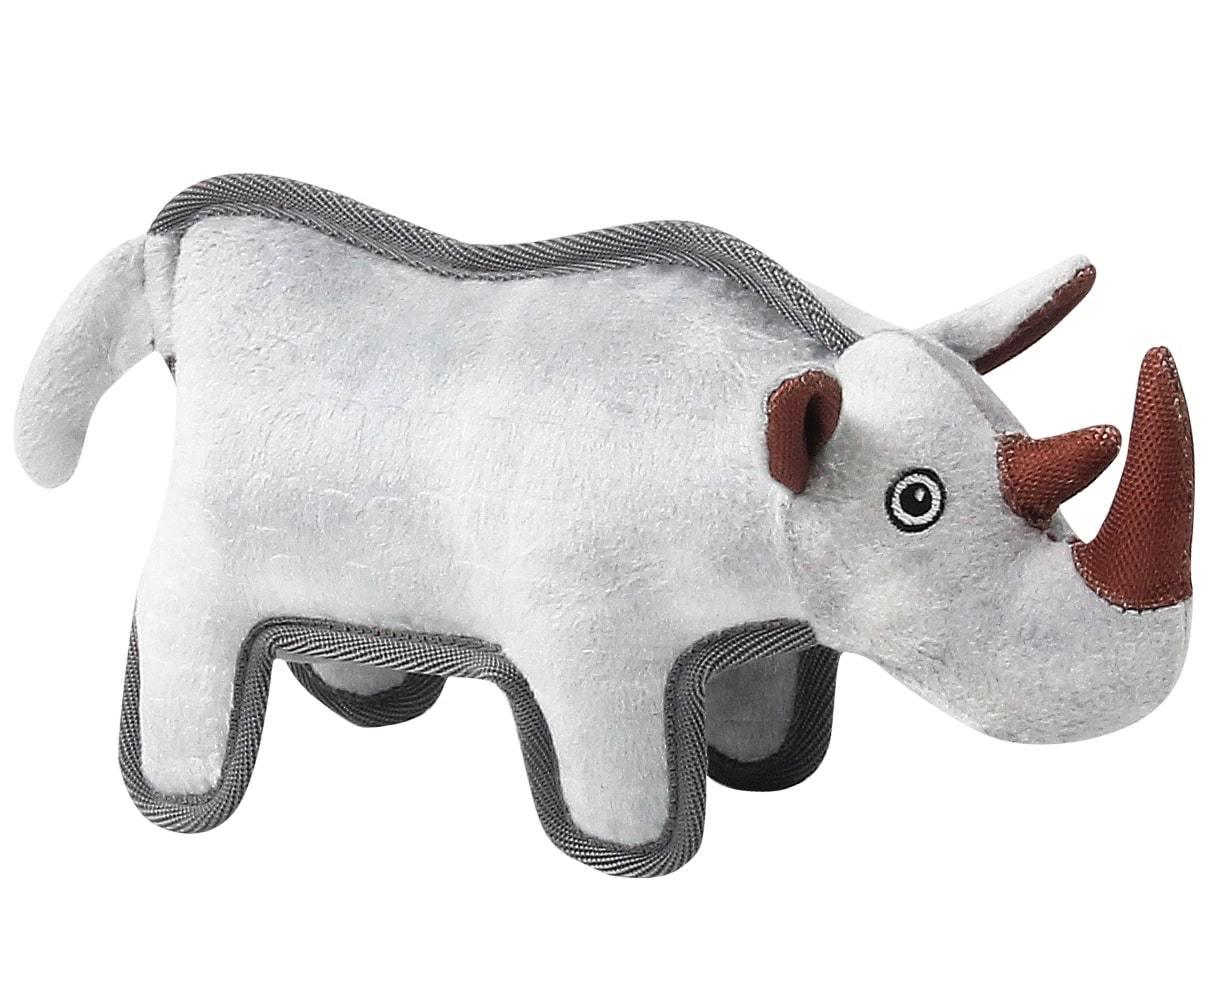 Pawise: Tuff Toy - Rhinoceros image